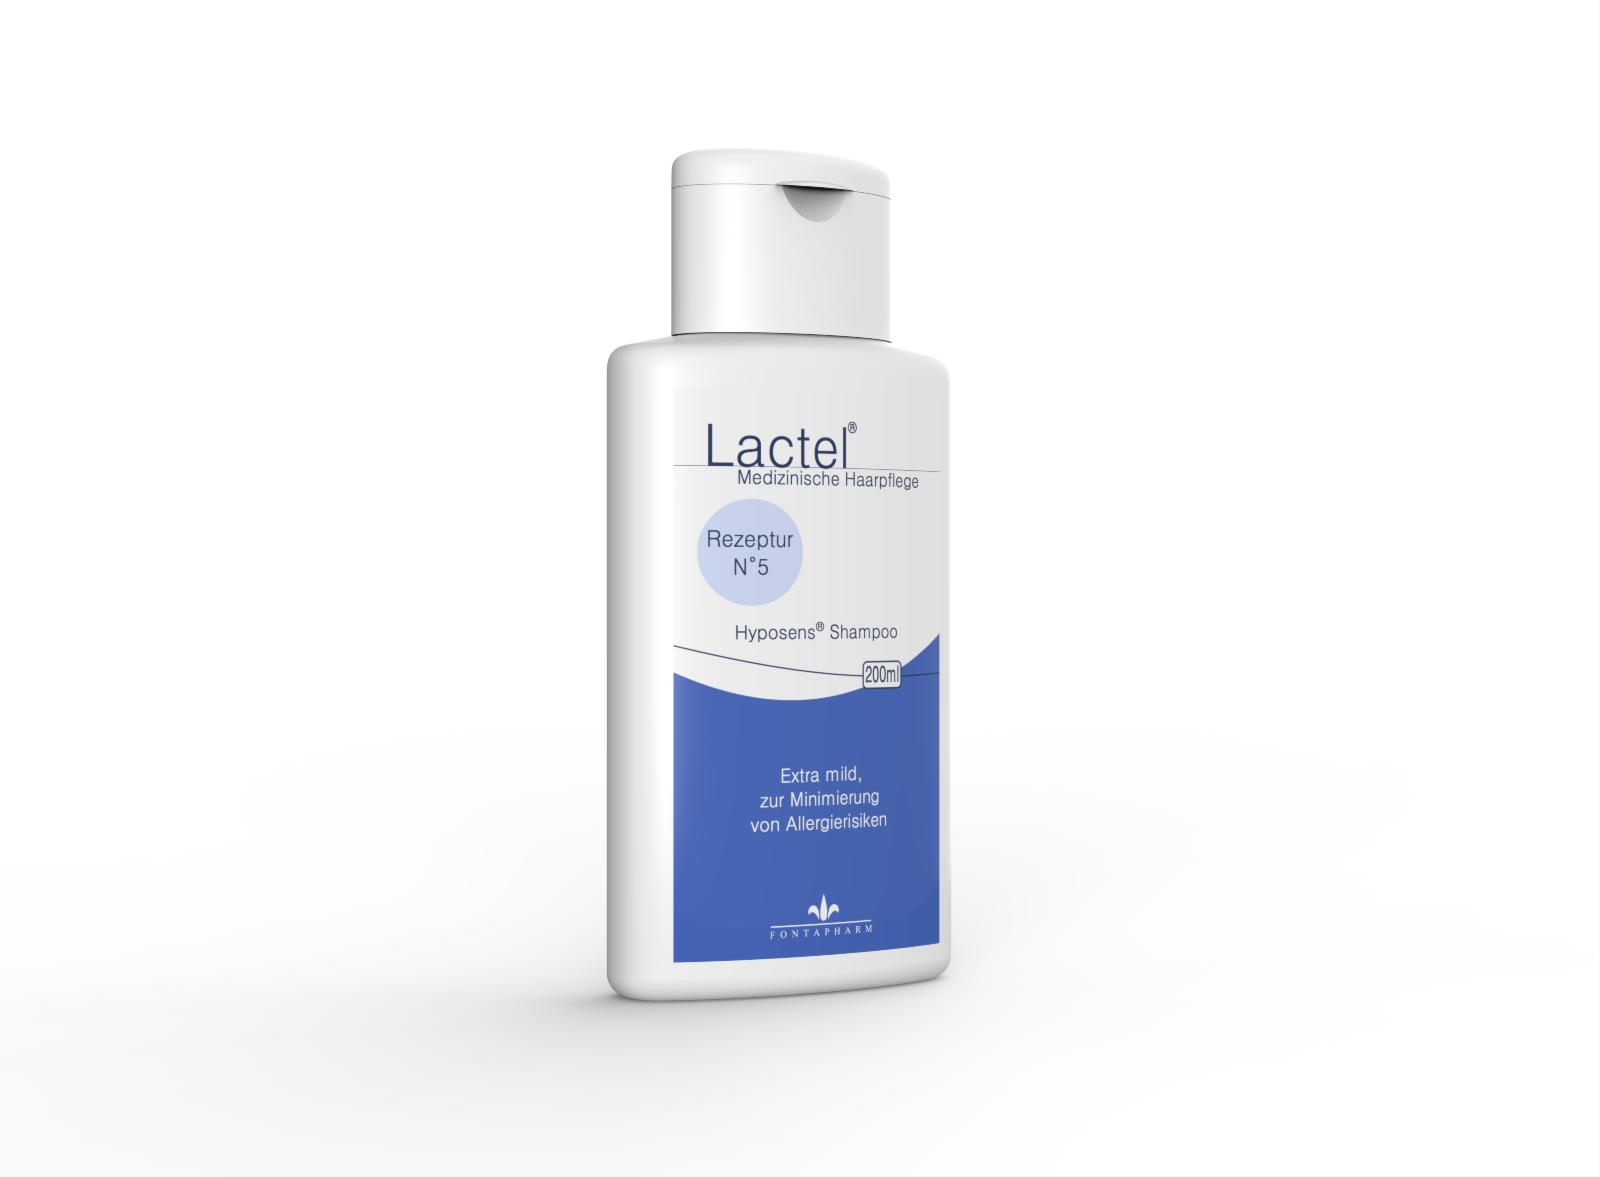 Lactel N° 5, das hypoallergene, extra milde Shampoo für die tägliche Anwendung